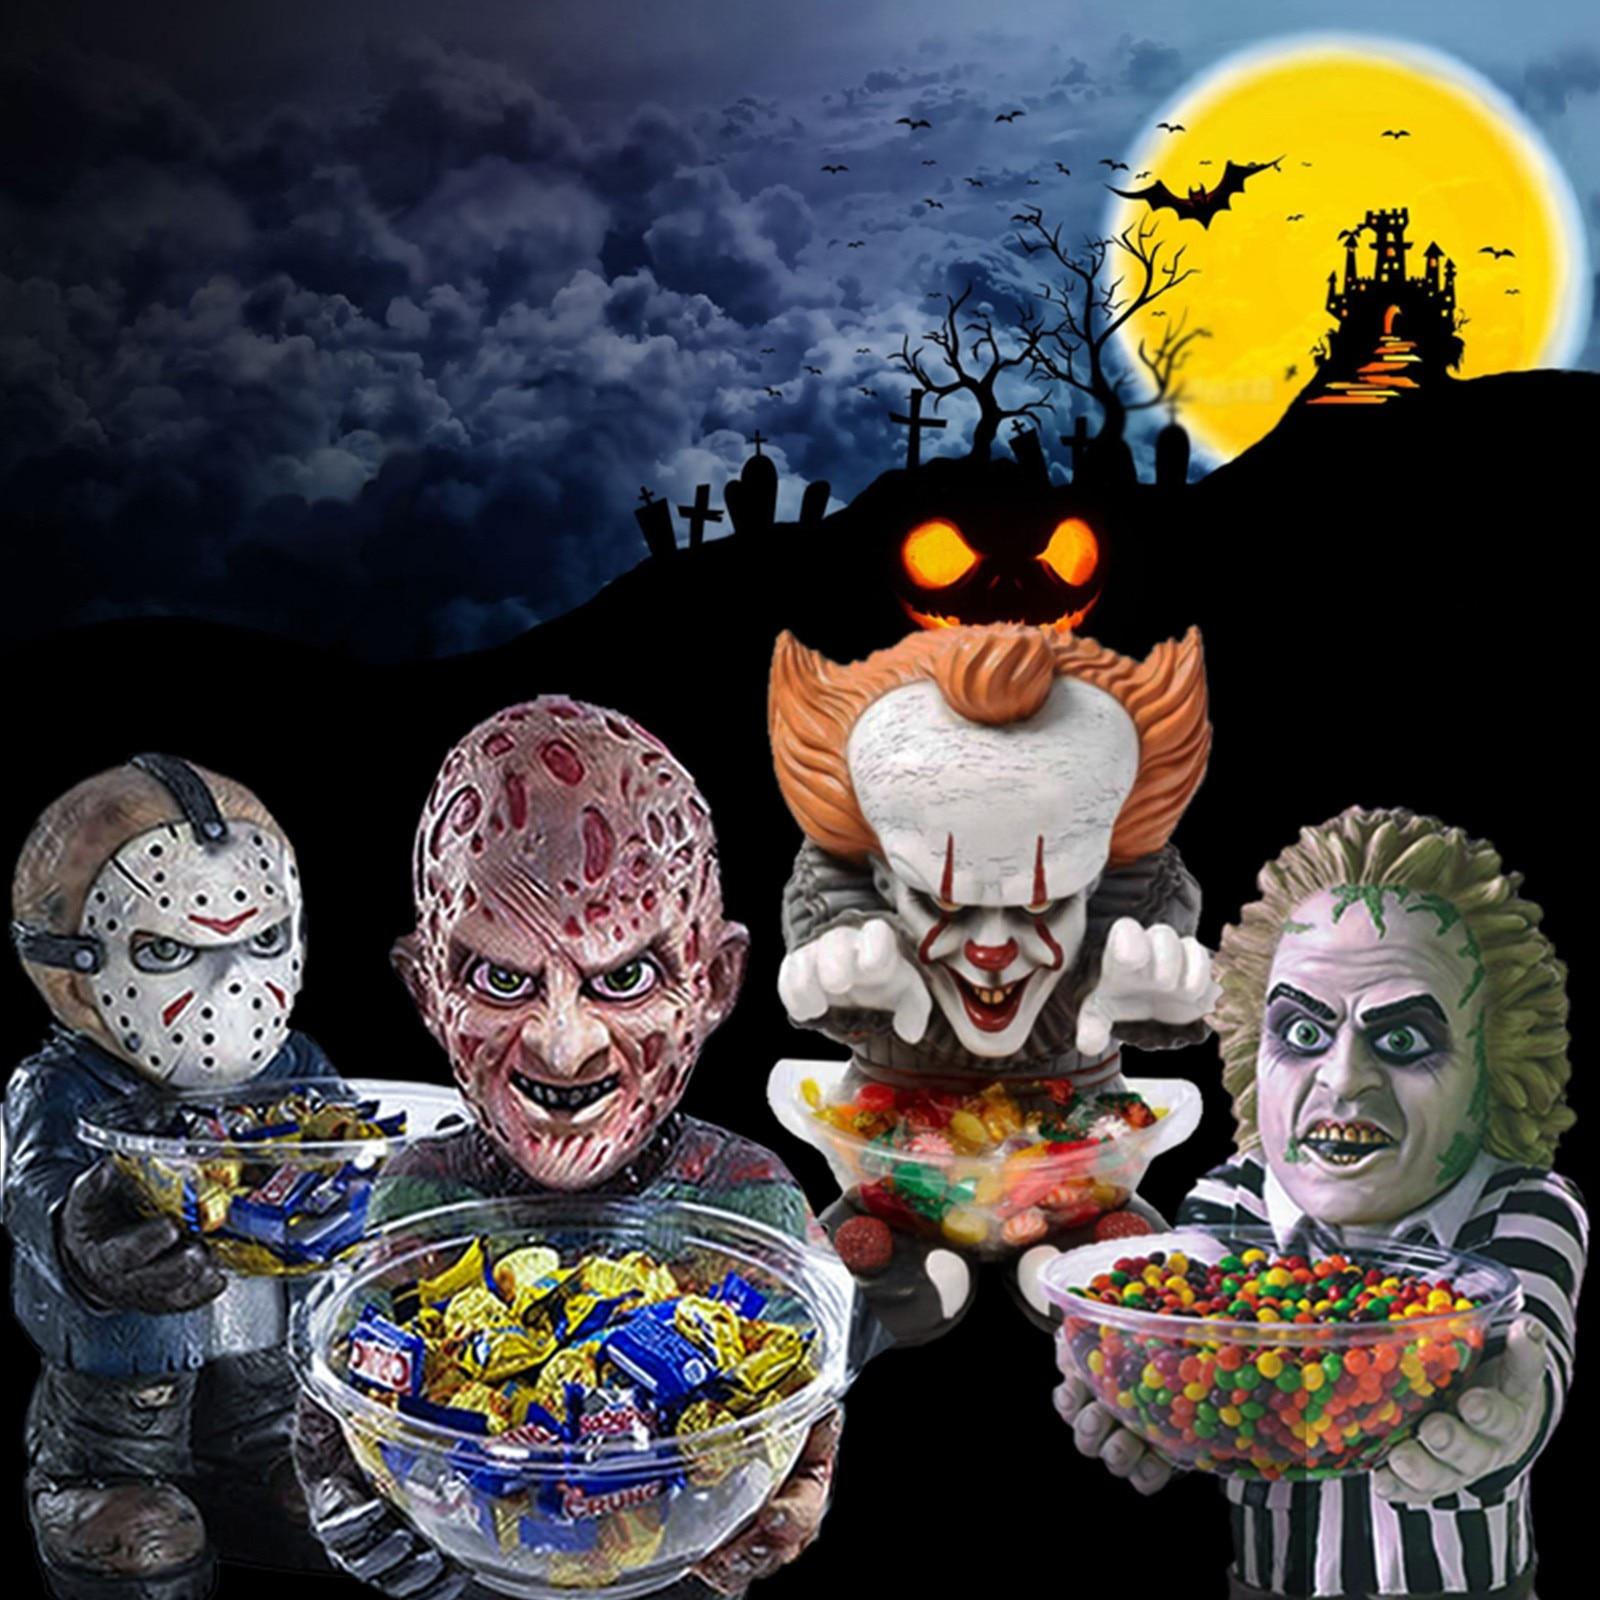 AFSDIY фокус или треа 2021 Хэллоуин клоун ужас Забавный карлик фокус и лечение Хэллоуин украшения для дома домашний декор ужас